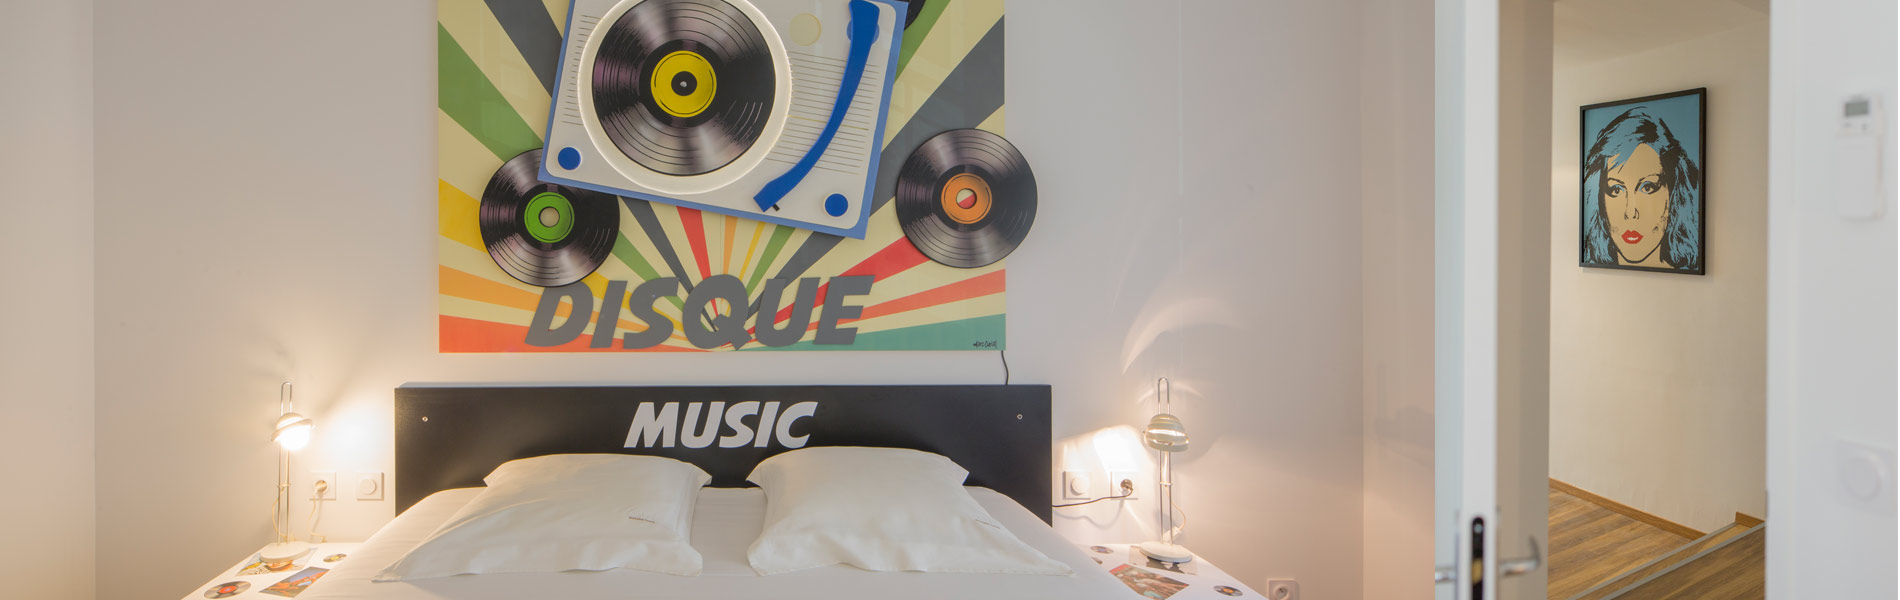 Chambre d'hôte Vinyl à Carcassonne